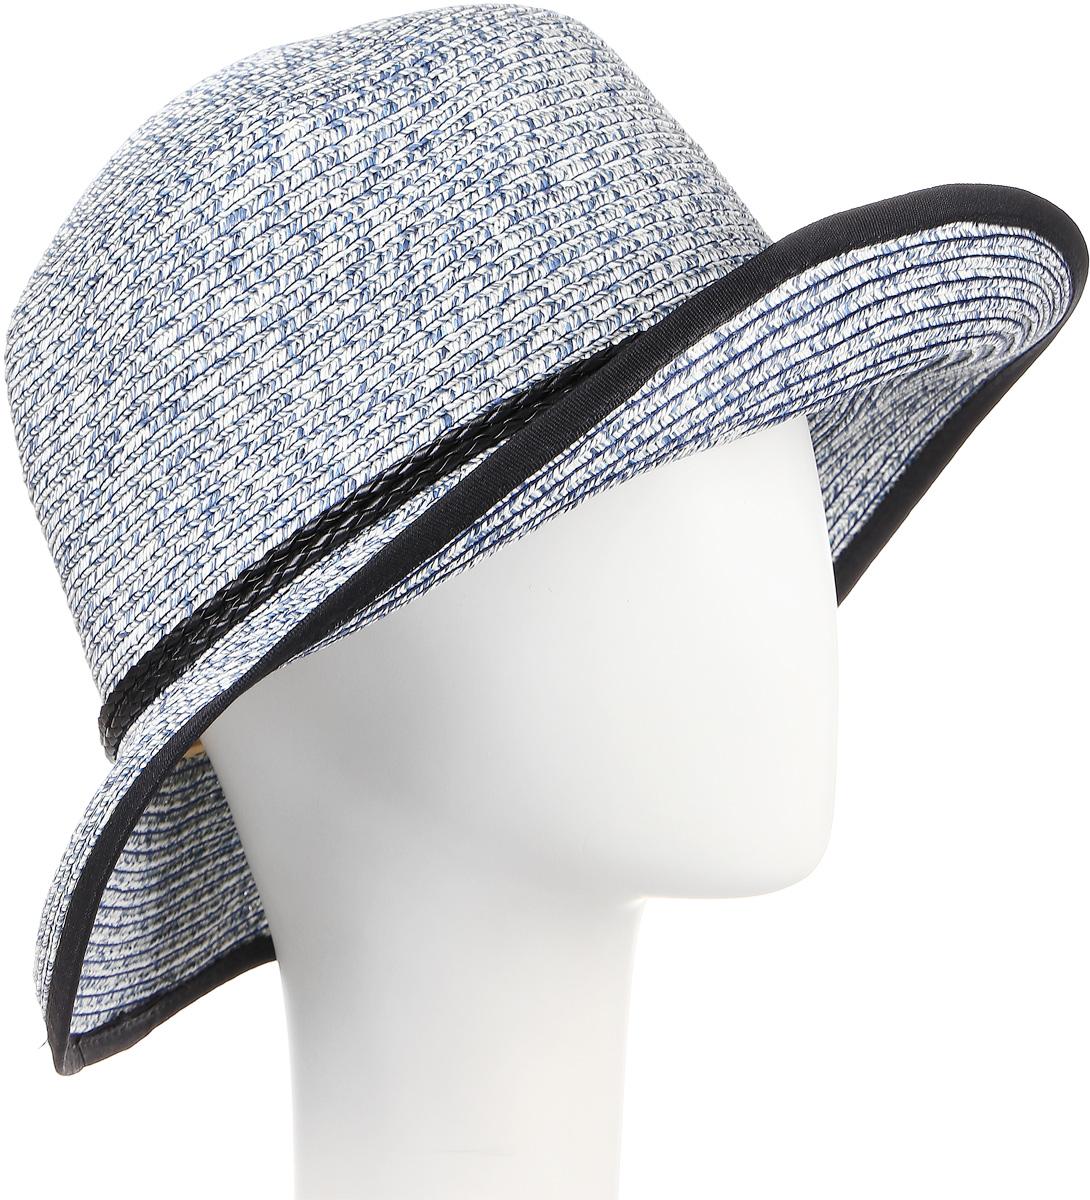 ШляпаHtW100282Классическая женская шляпа.